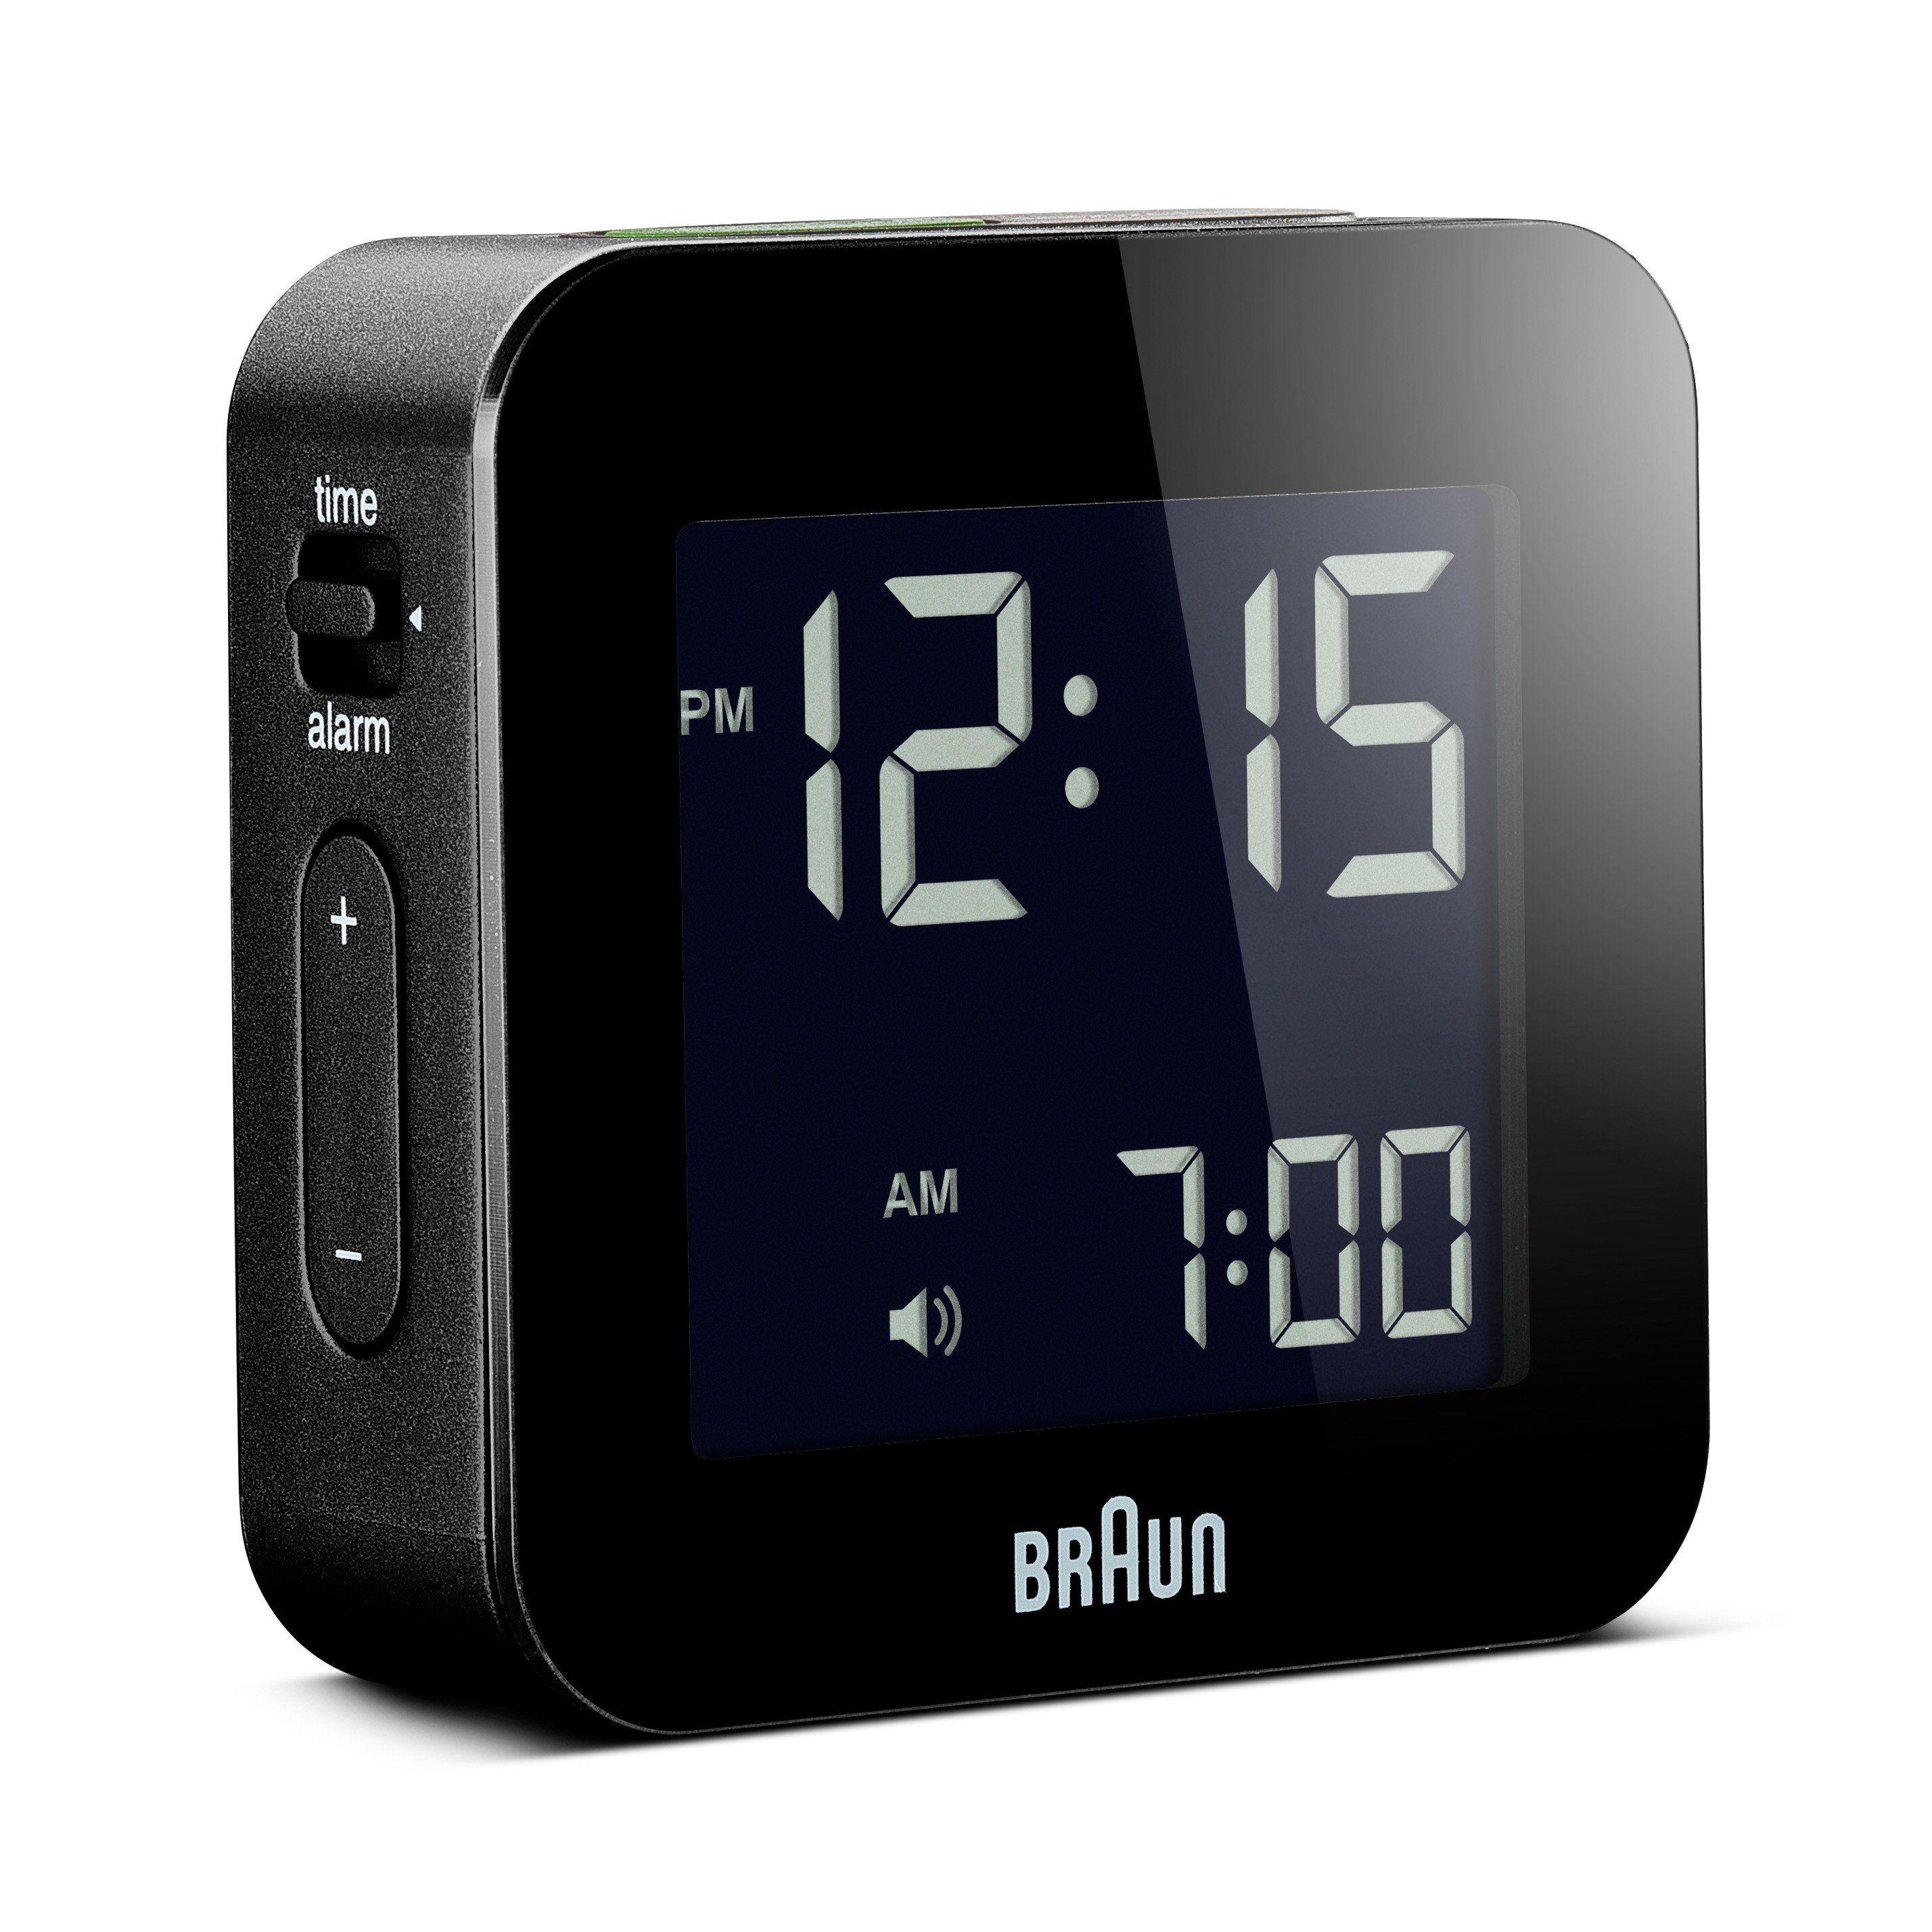 Braun Digital Travel Alarm Clock Black Braun Digital Travel Alarm Clock Black Alarm Black Braun Cl In 2020 Travel Alarm Clock Clock